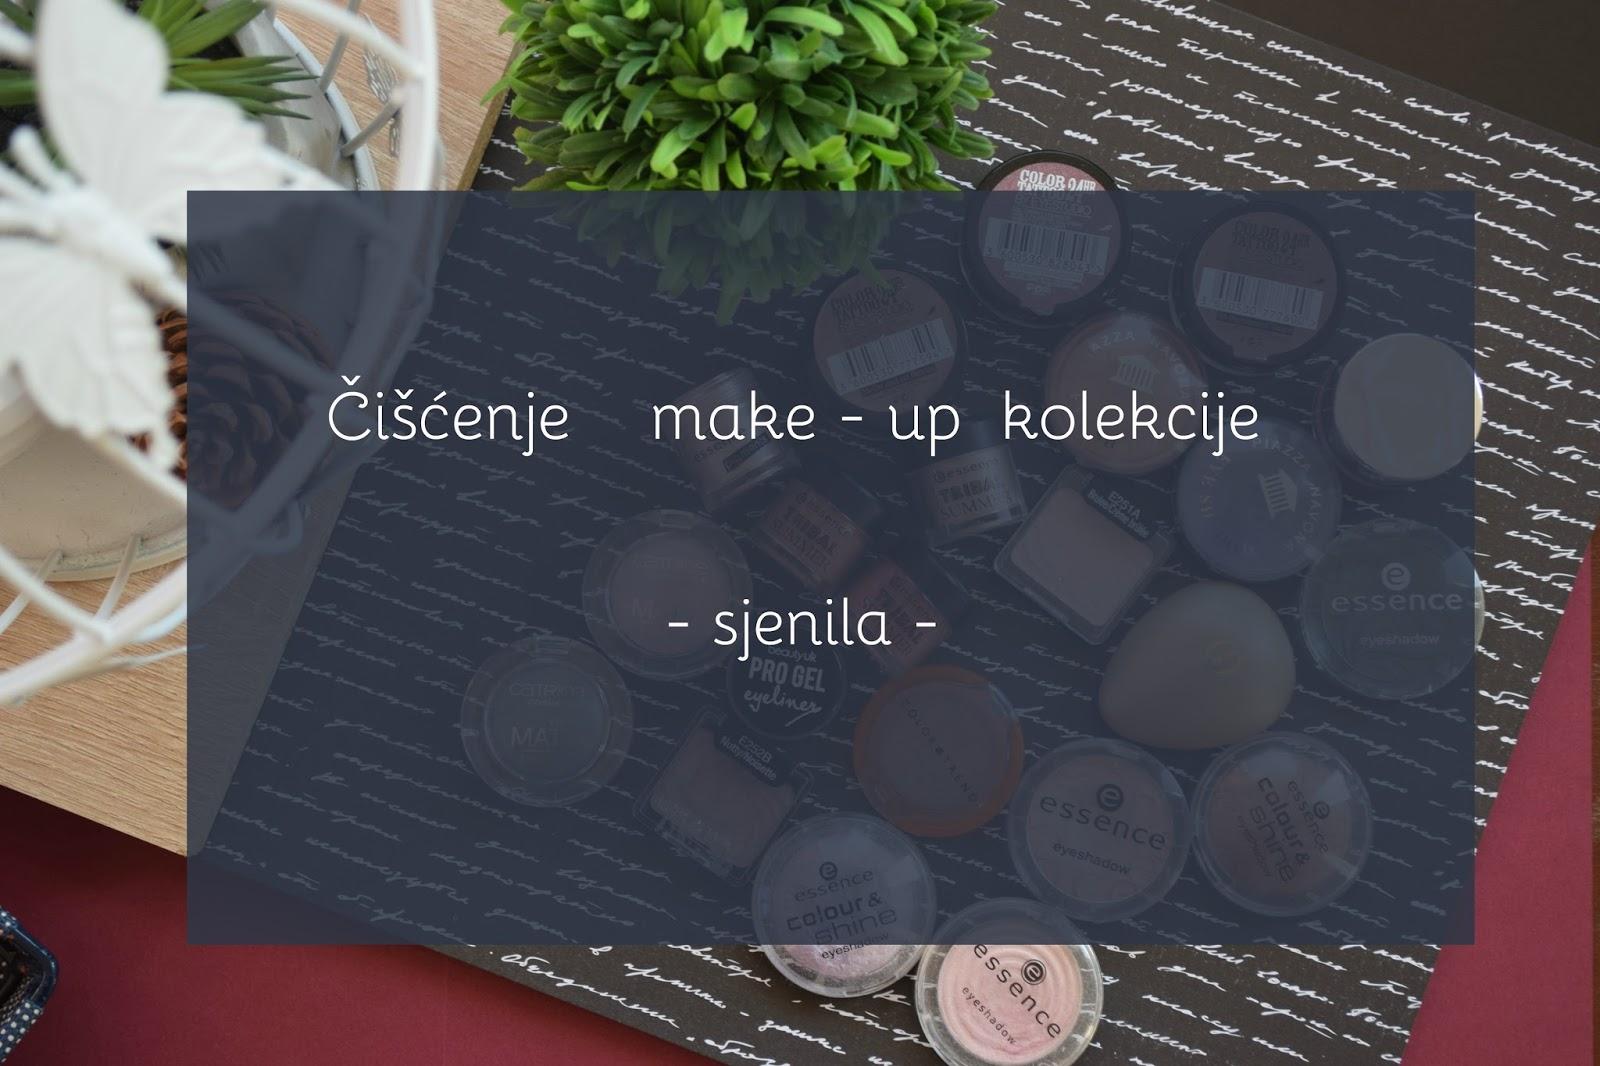 Čišćenje-make-up-kolekcije-mono-sjenila-declutter